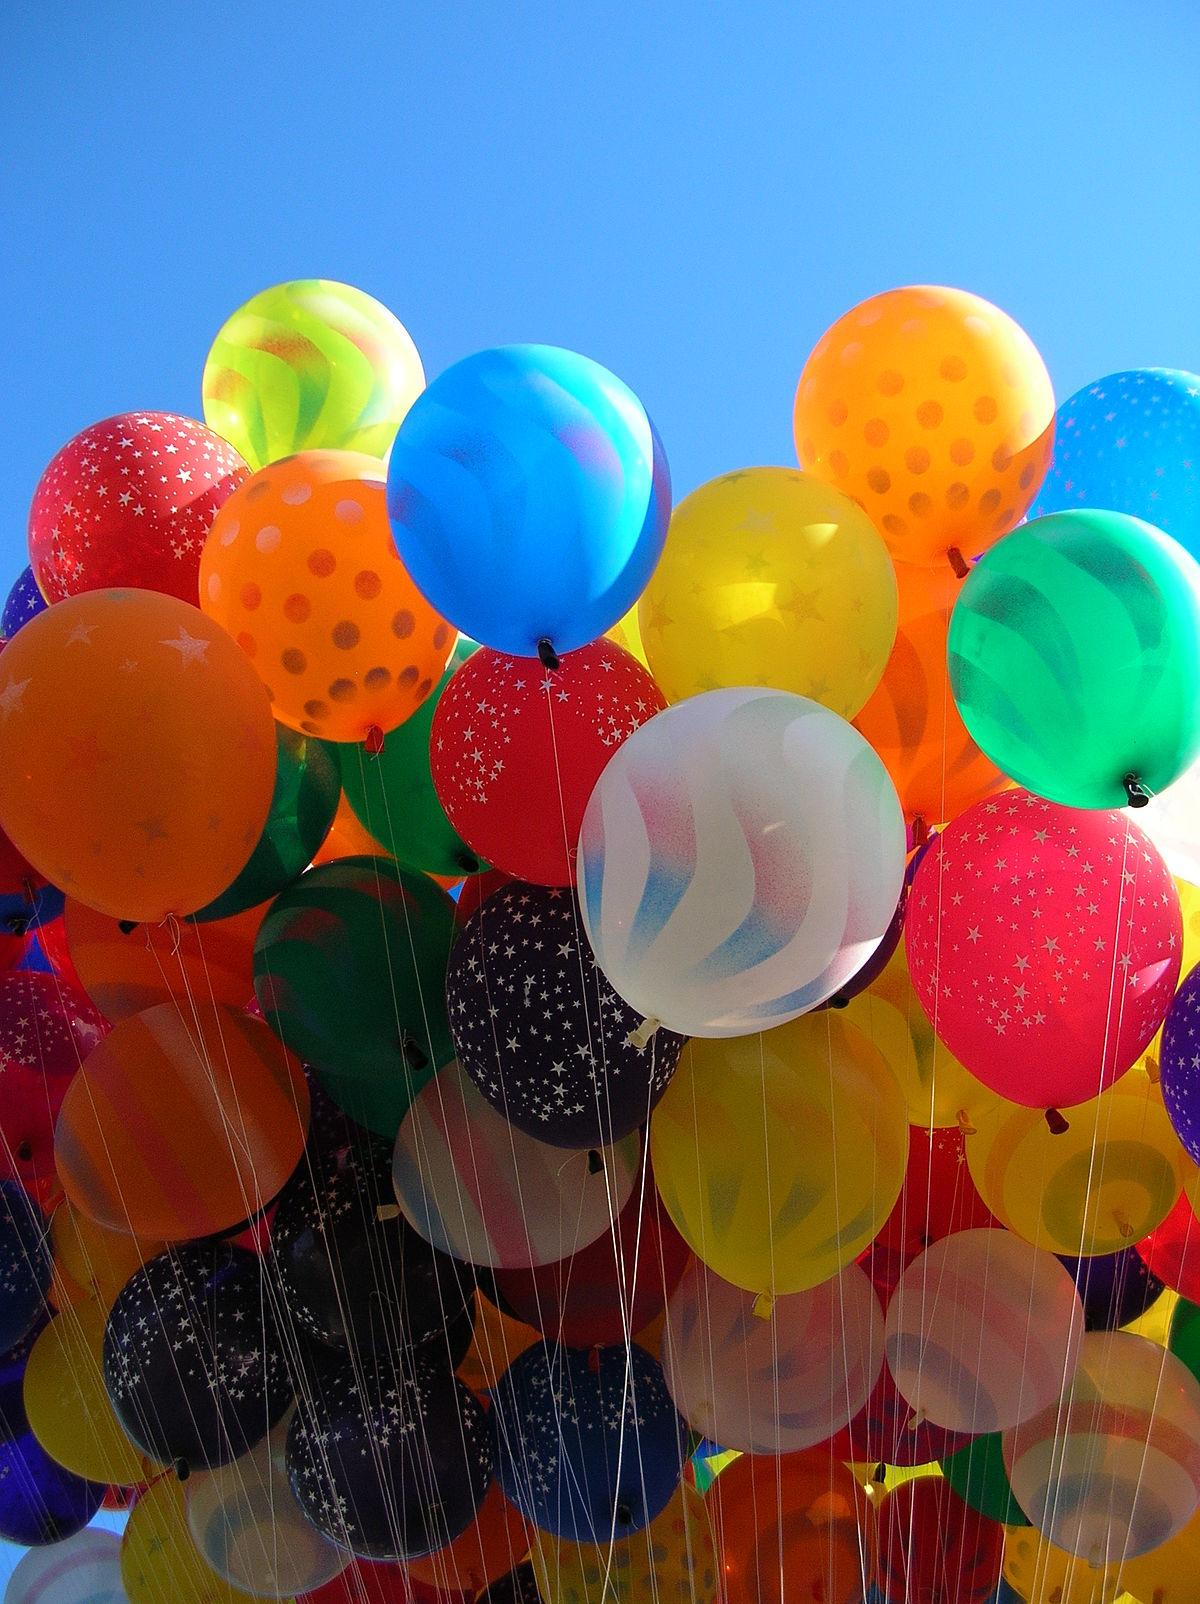 Palloncino wikipedia - Immagine con palloncini ...